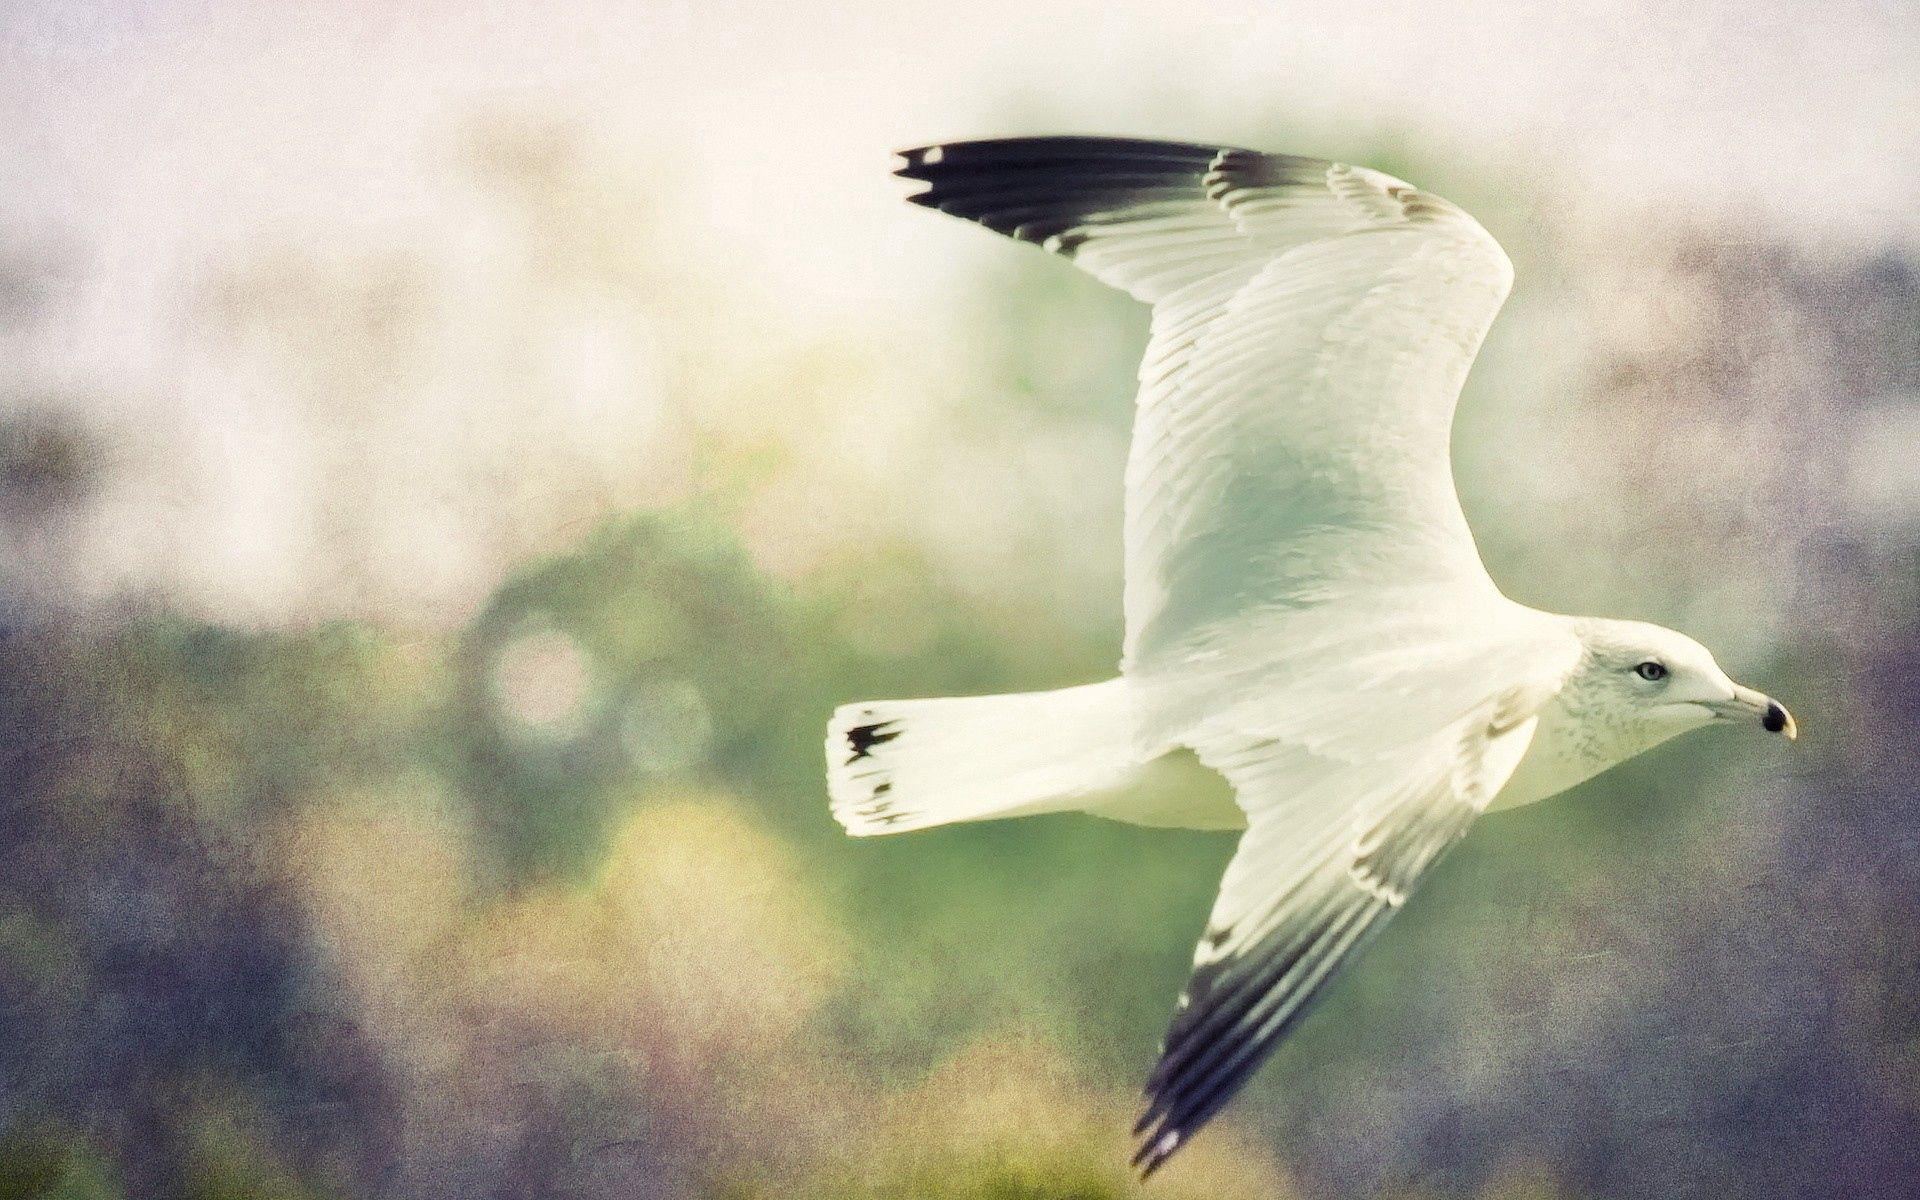 124801 скачать обои Животные, Птица, Полет, Небо, Смазано, Крылья - заставки и картинки бесплатно